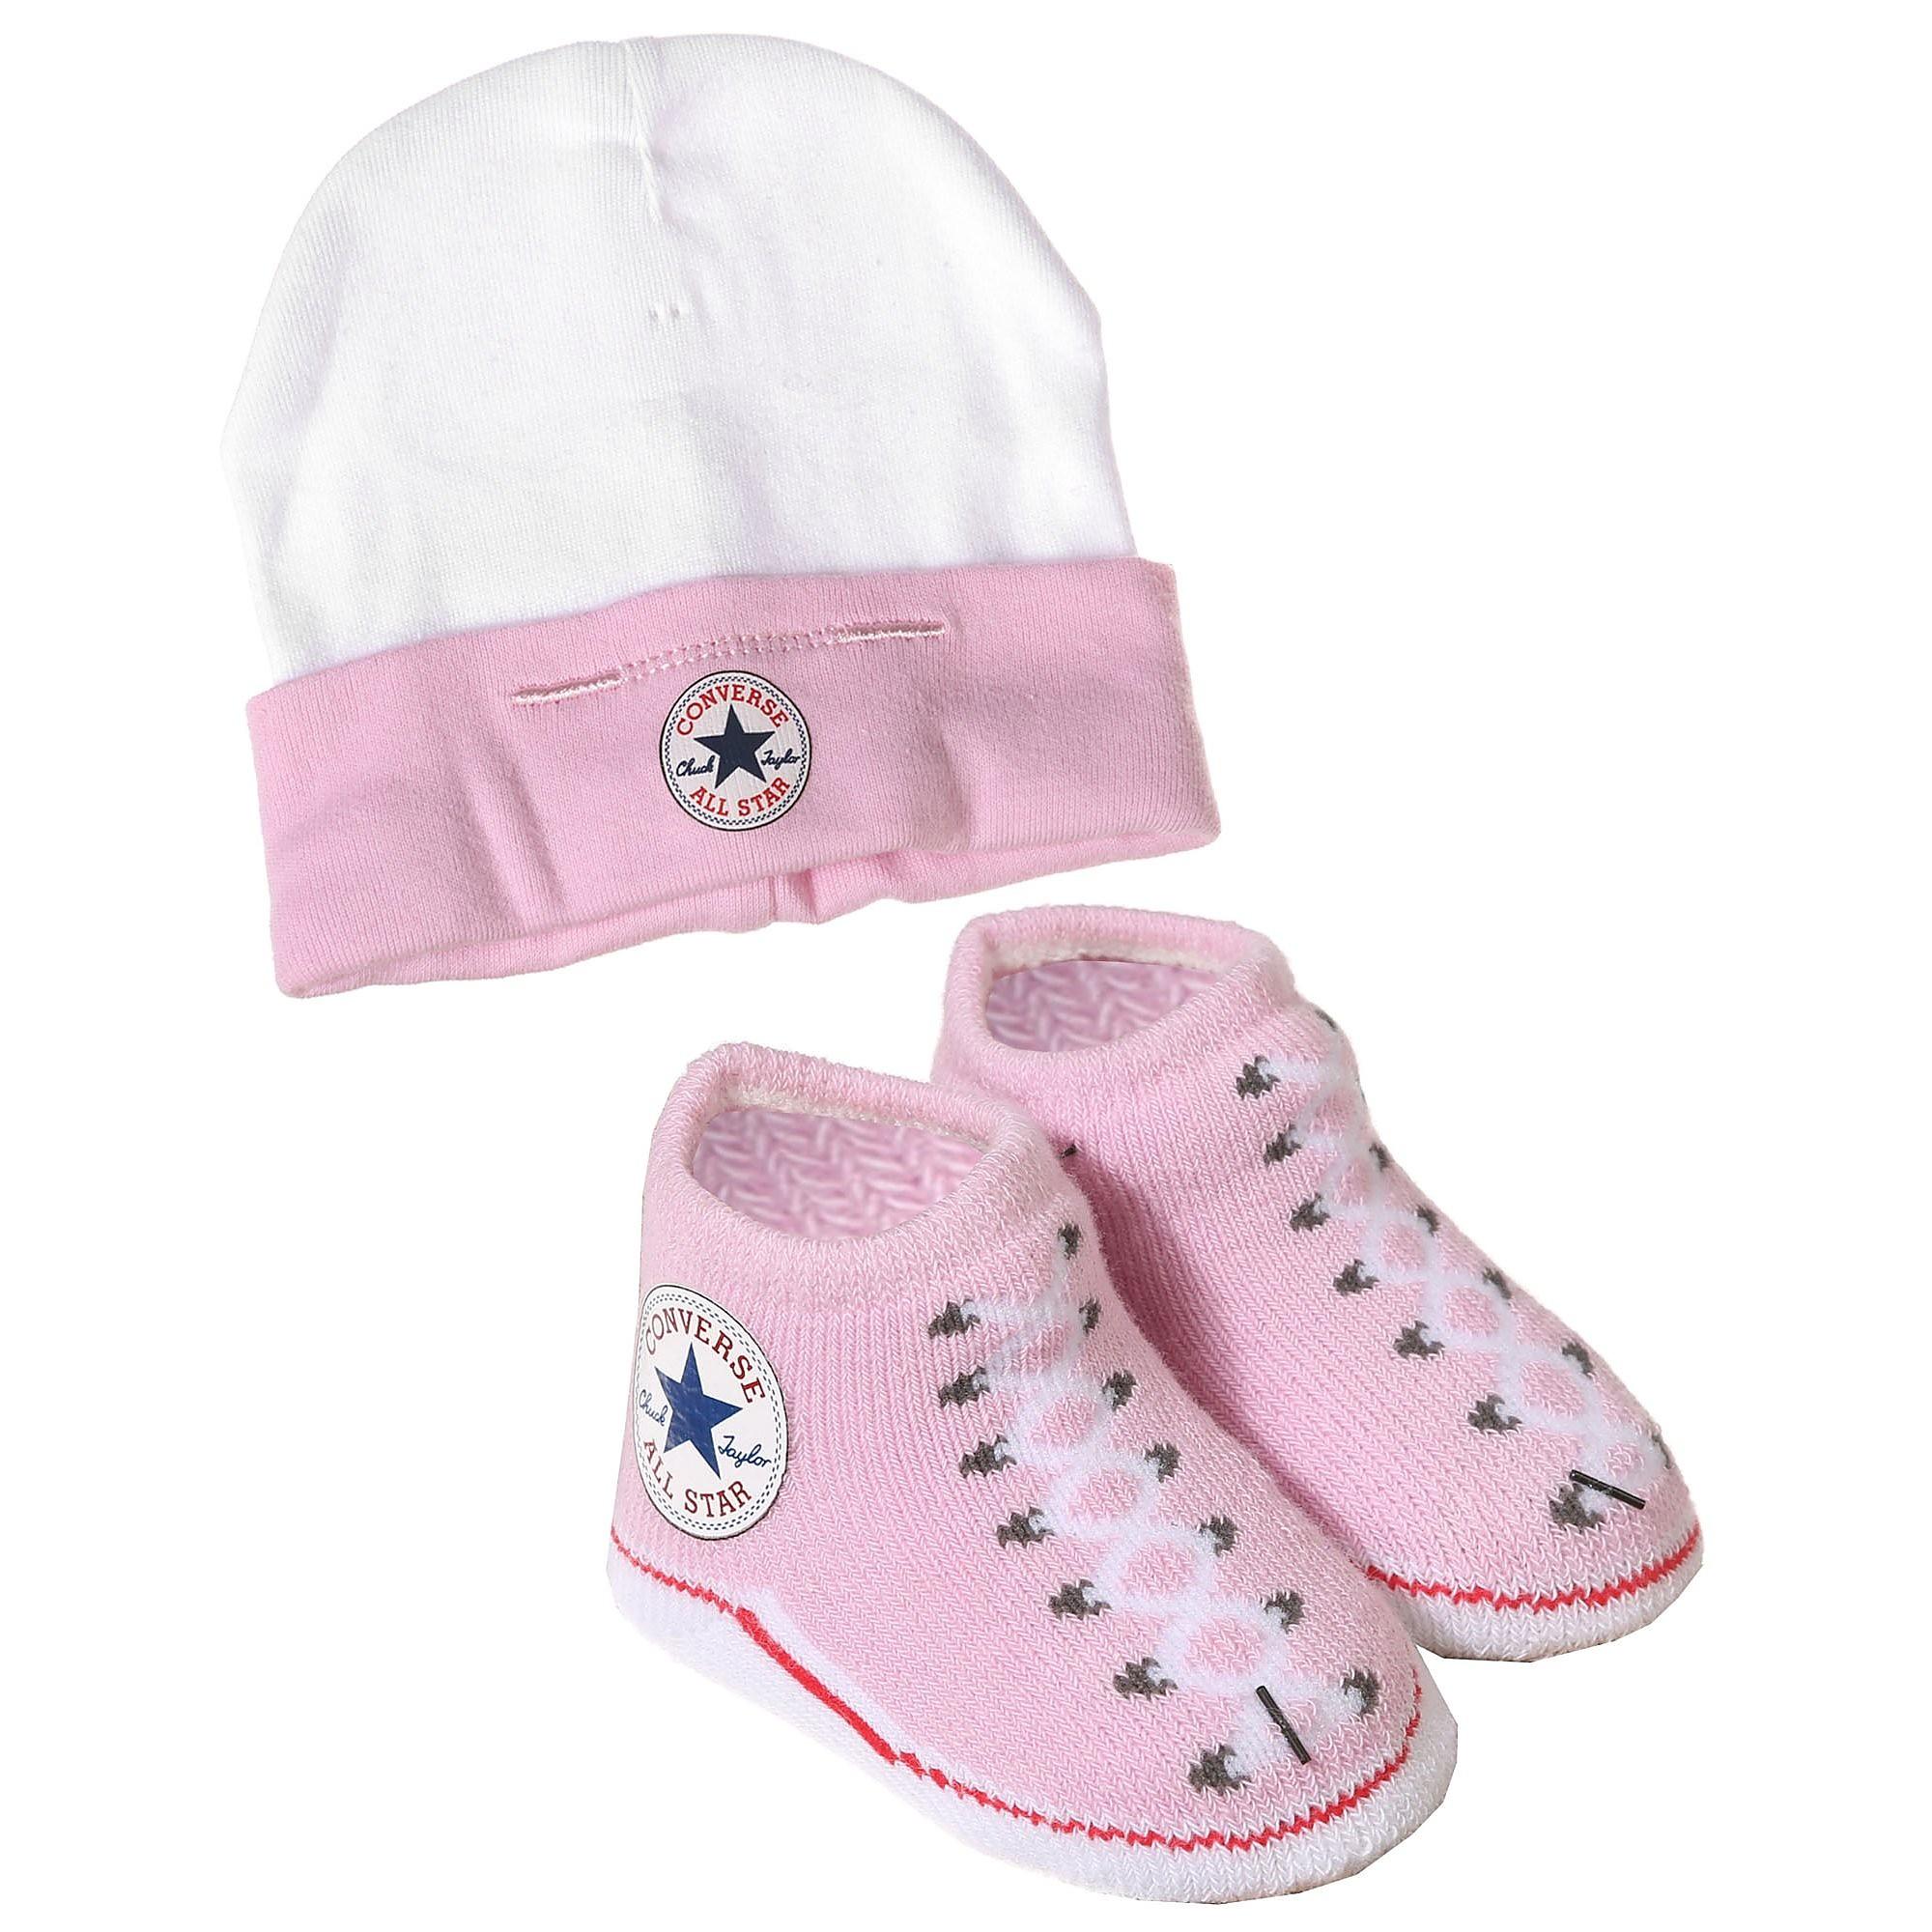 Converse HAT & BOOTIE SET